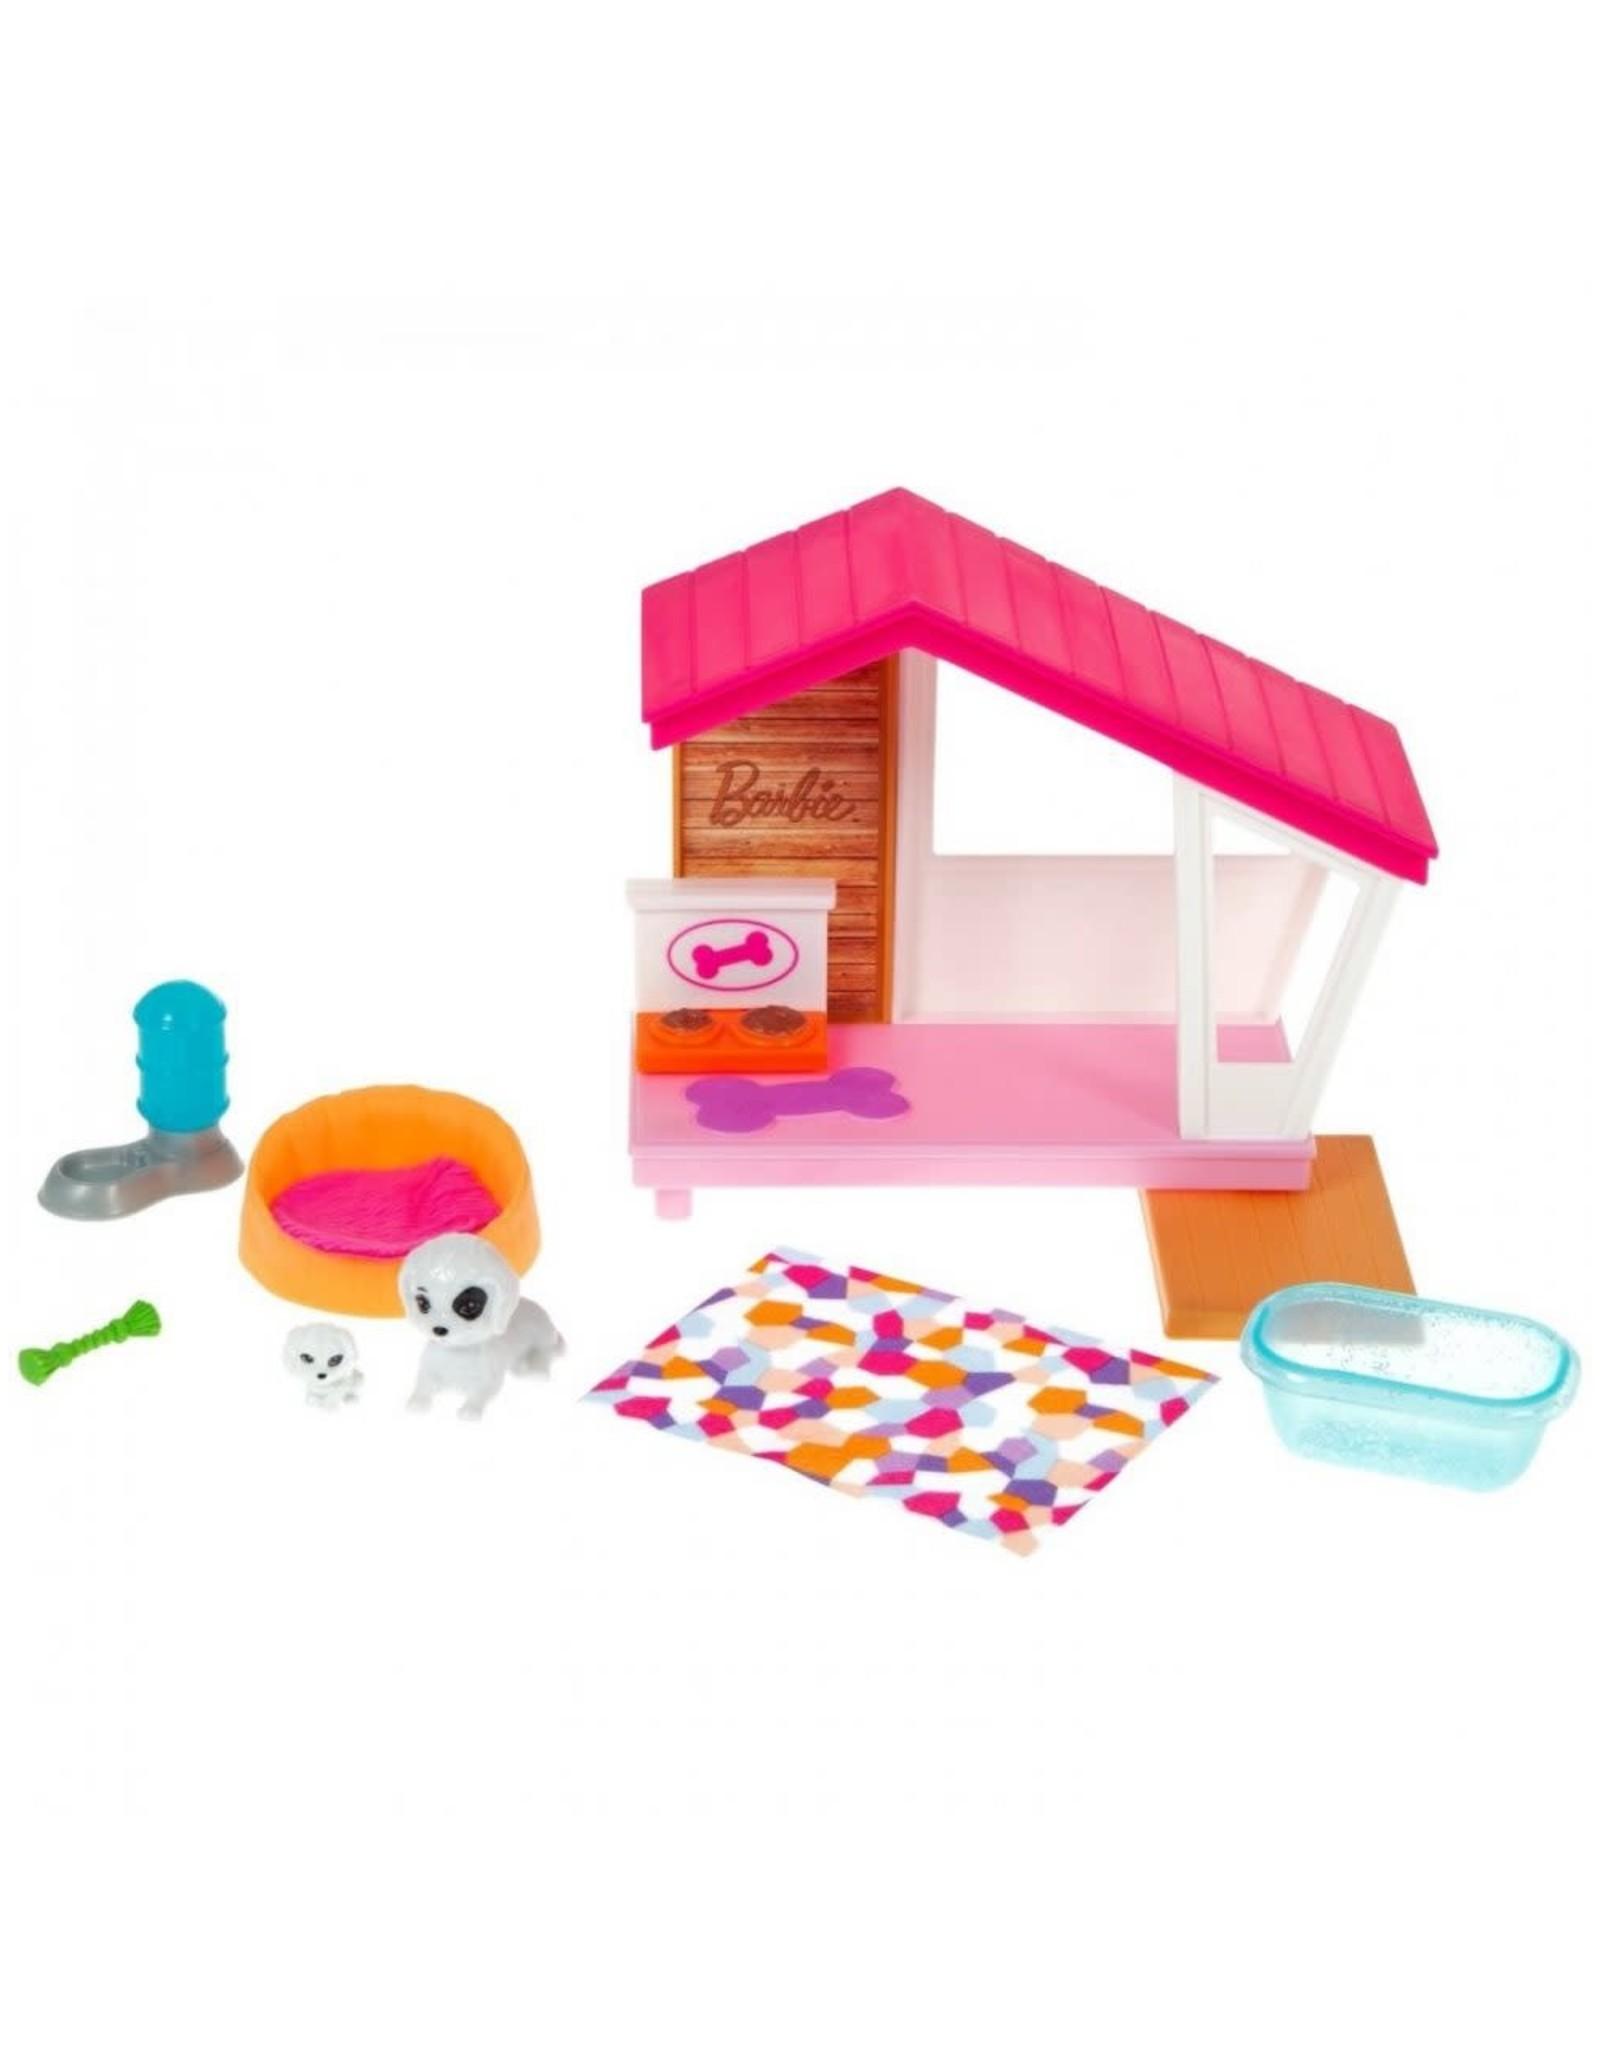 Barbie Barbie Mini Playset 3